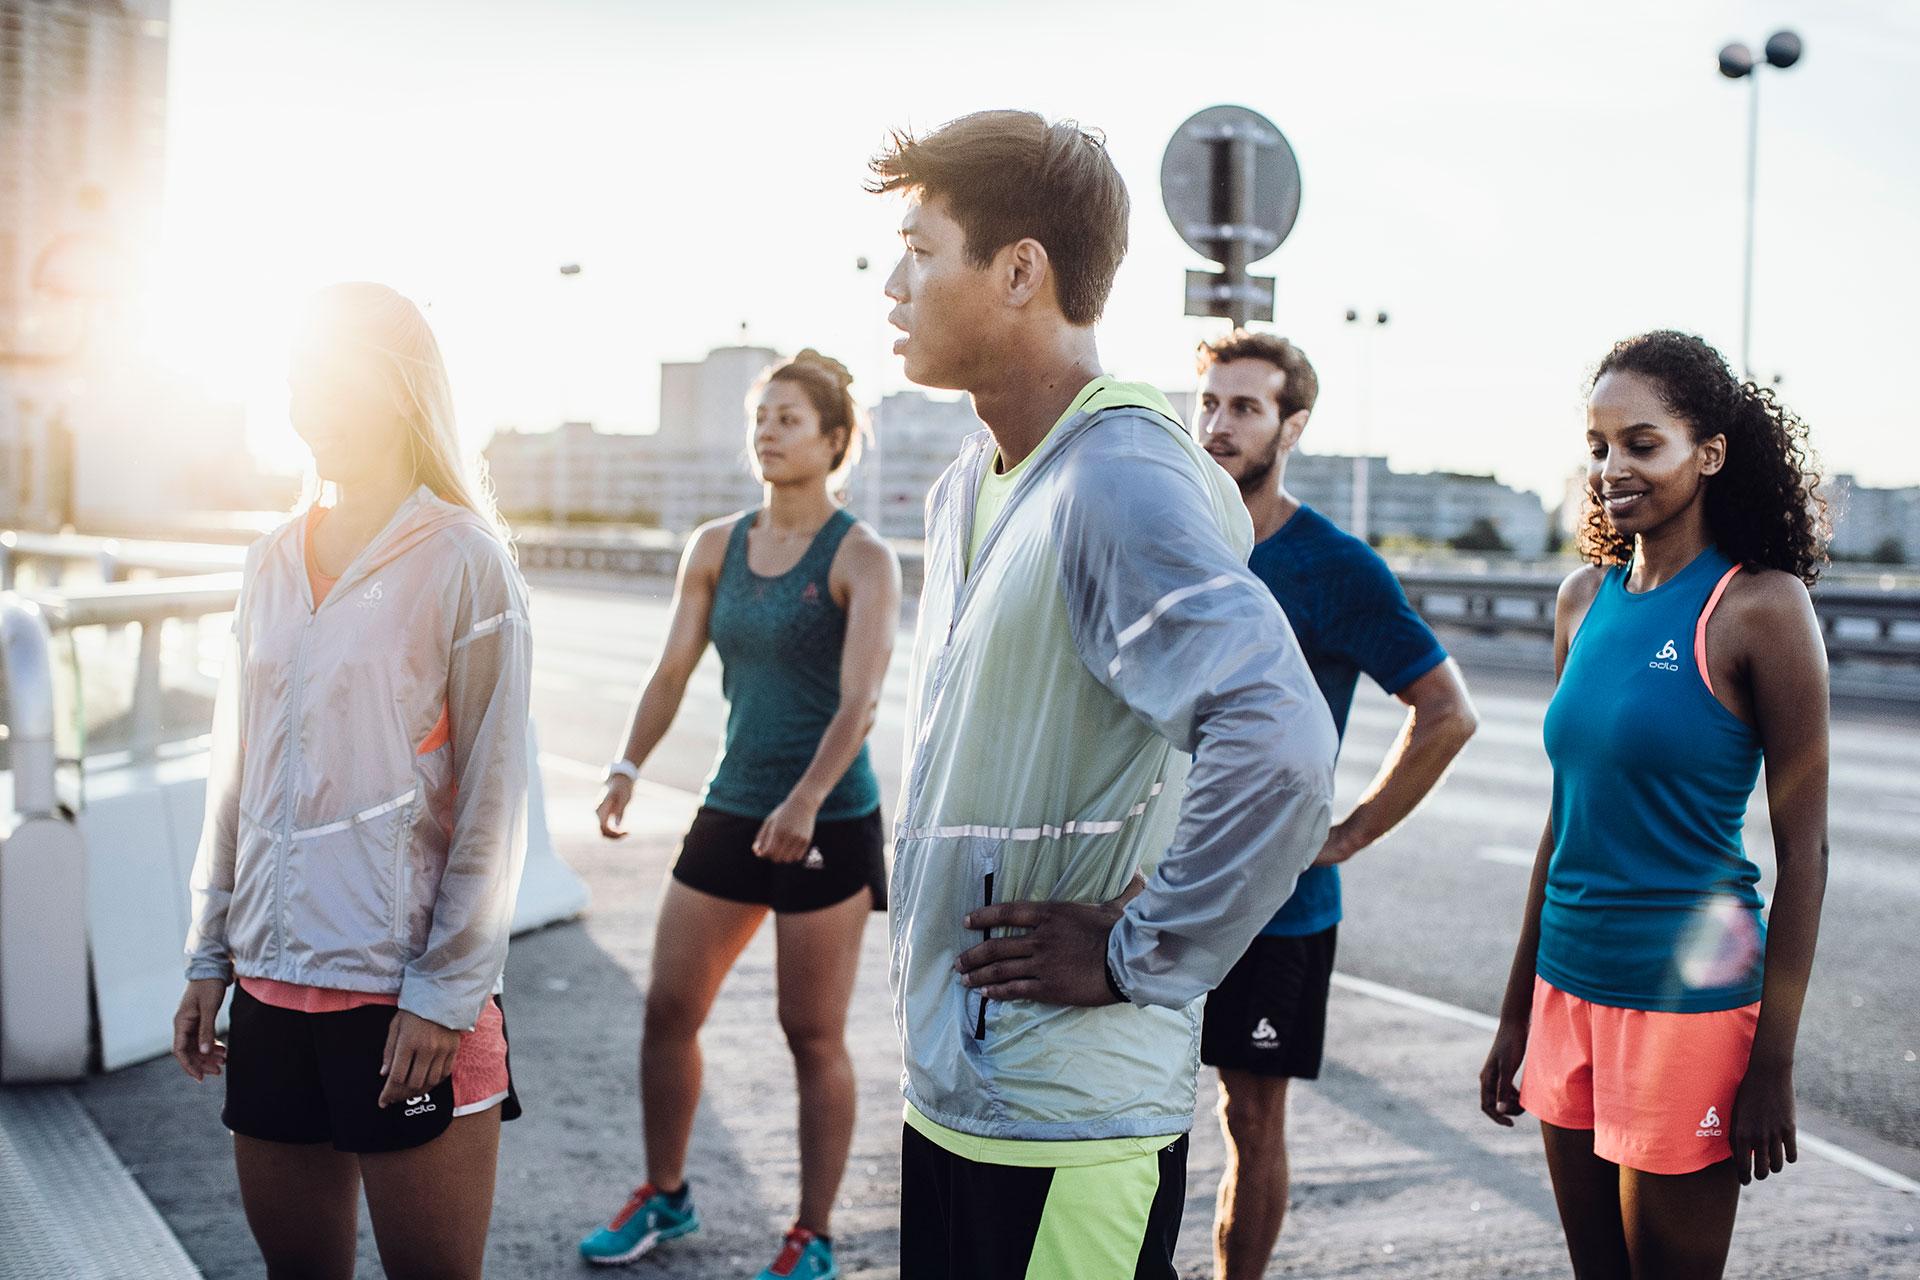 sport fotograf running fitness training deutschland duesseldorf.